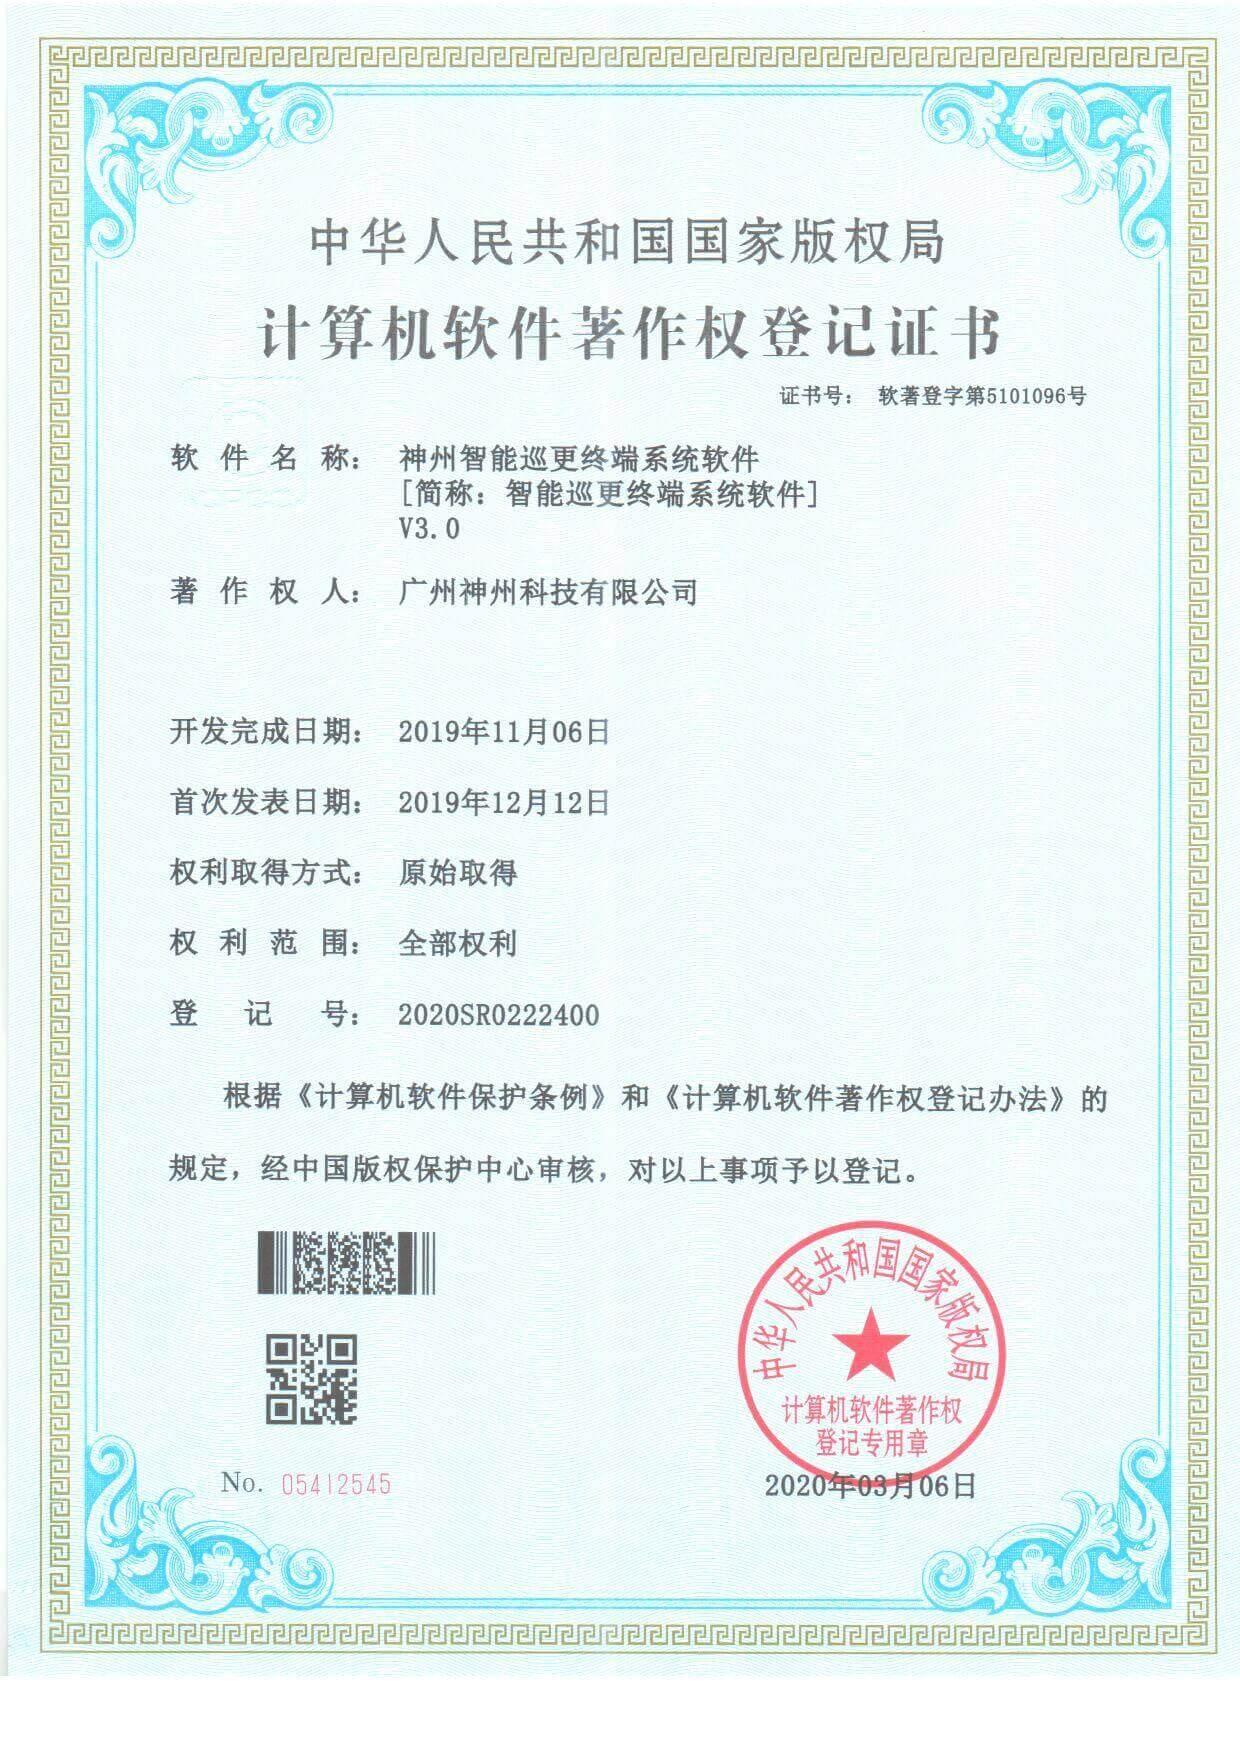 企业荣誉证书